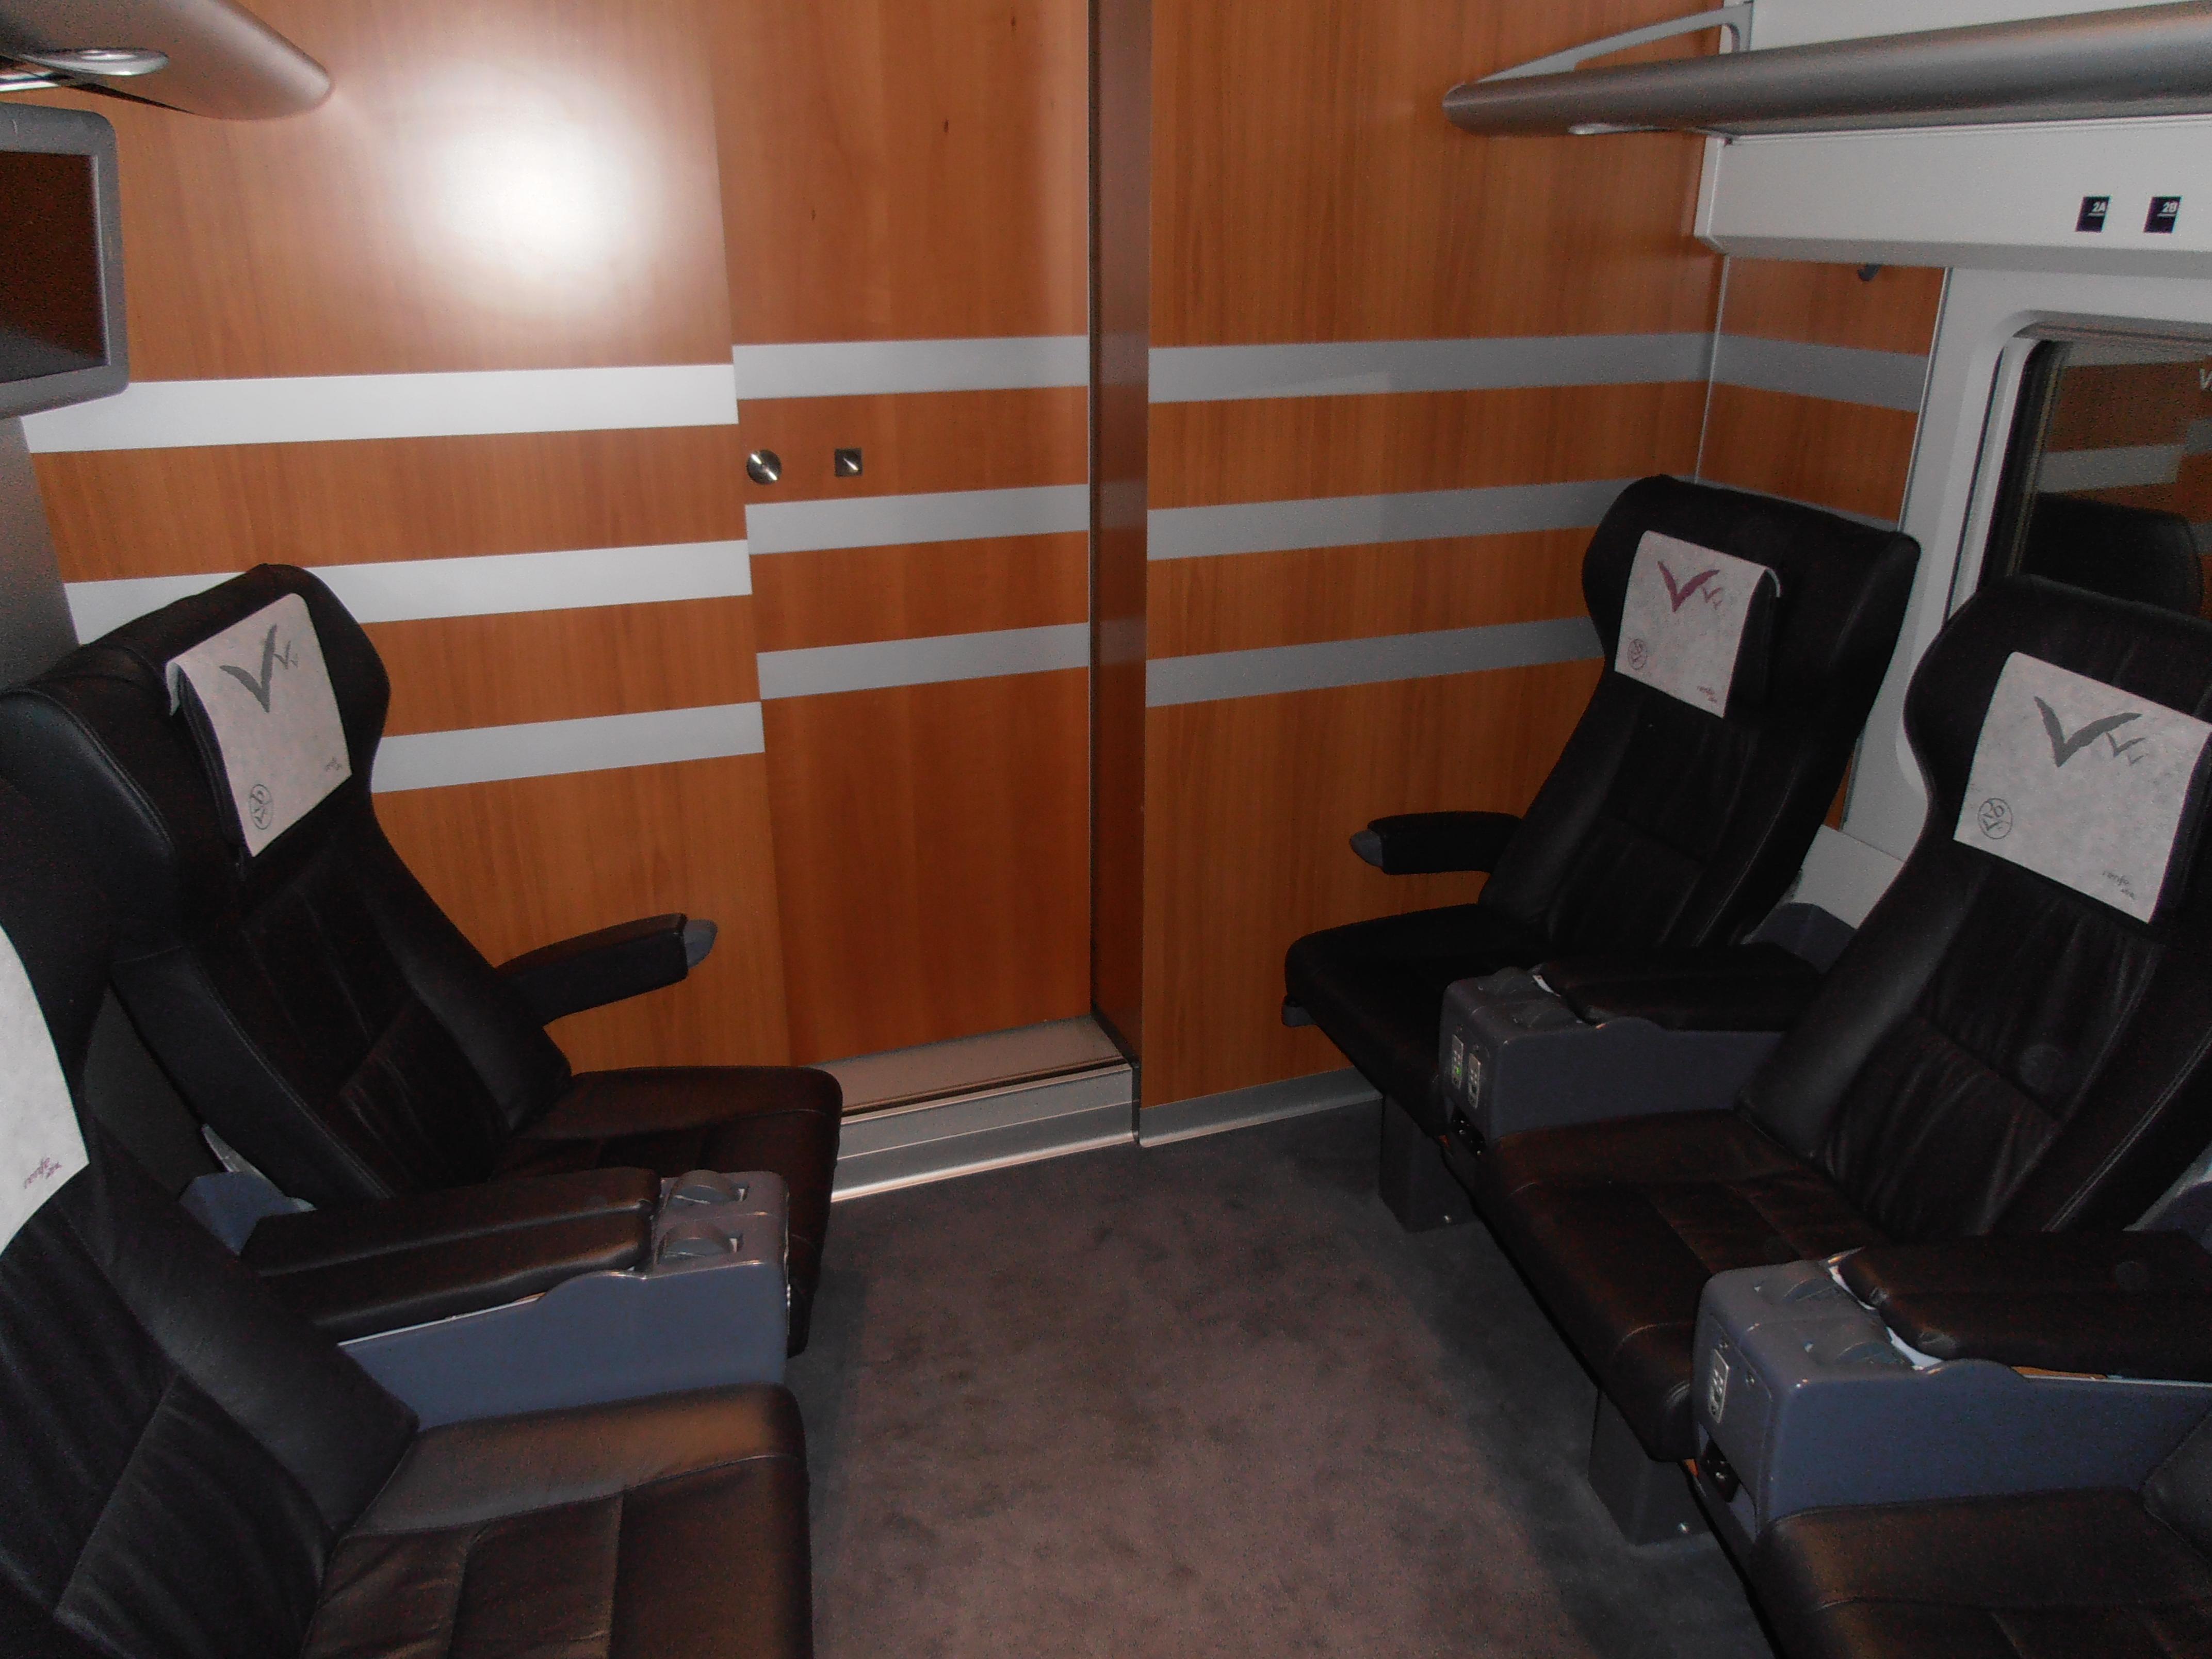 Sala de reuniones Business de 6 asientos con distribución (3+3) del S.112